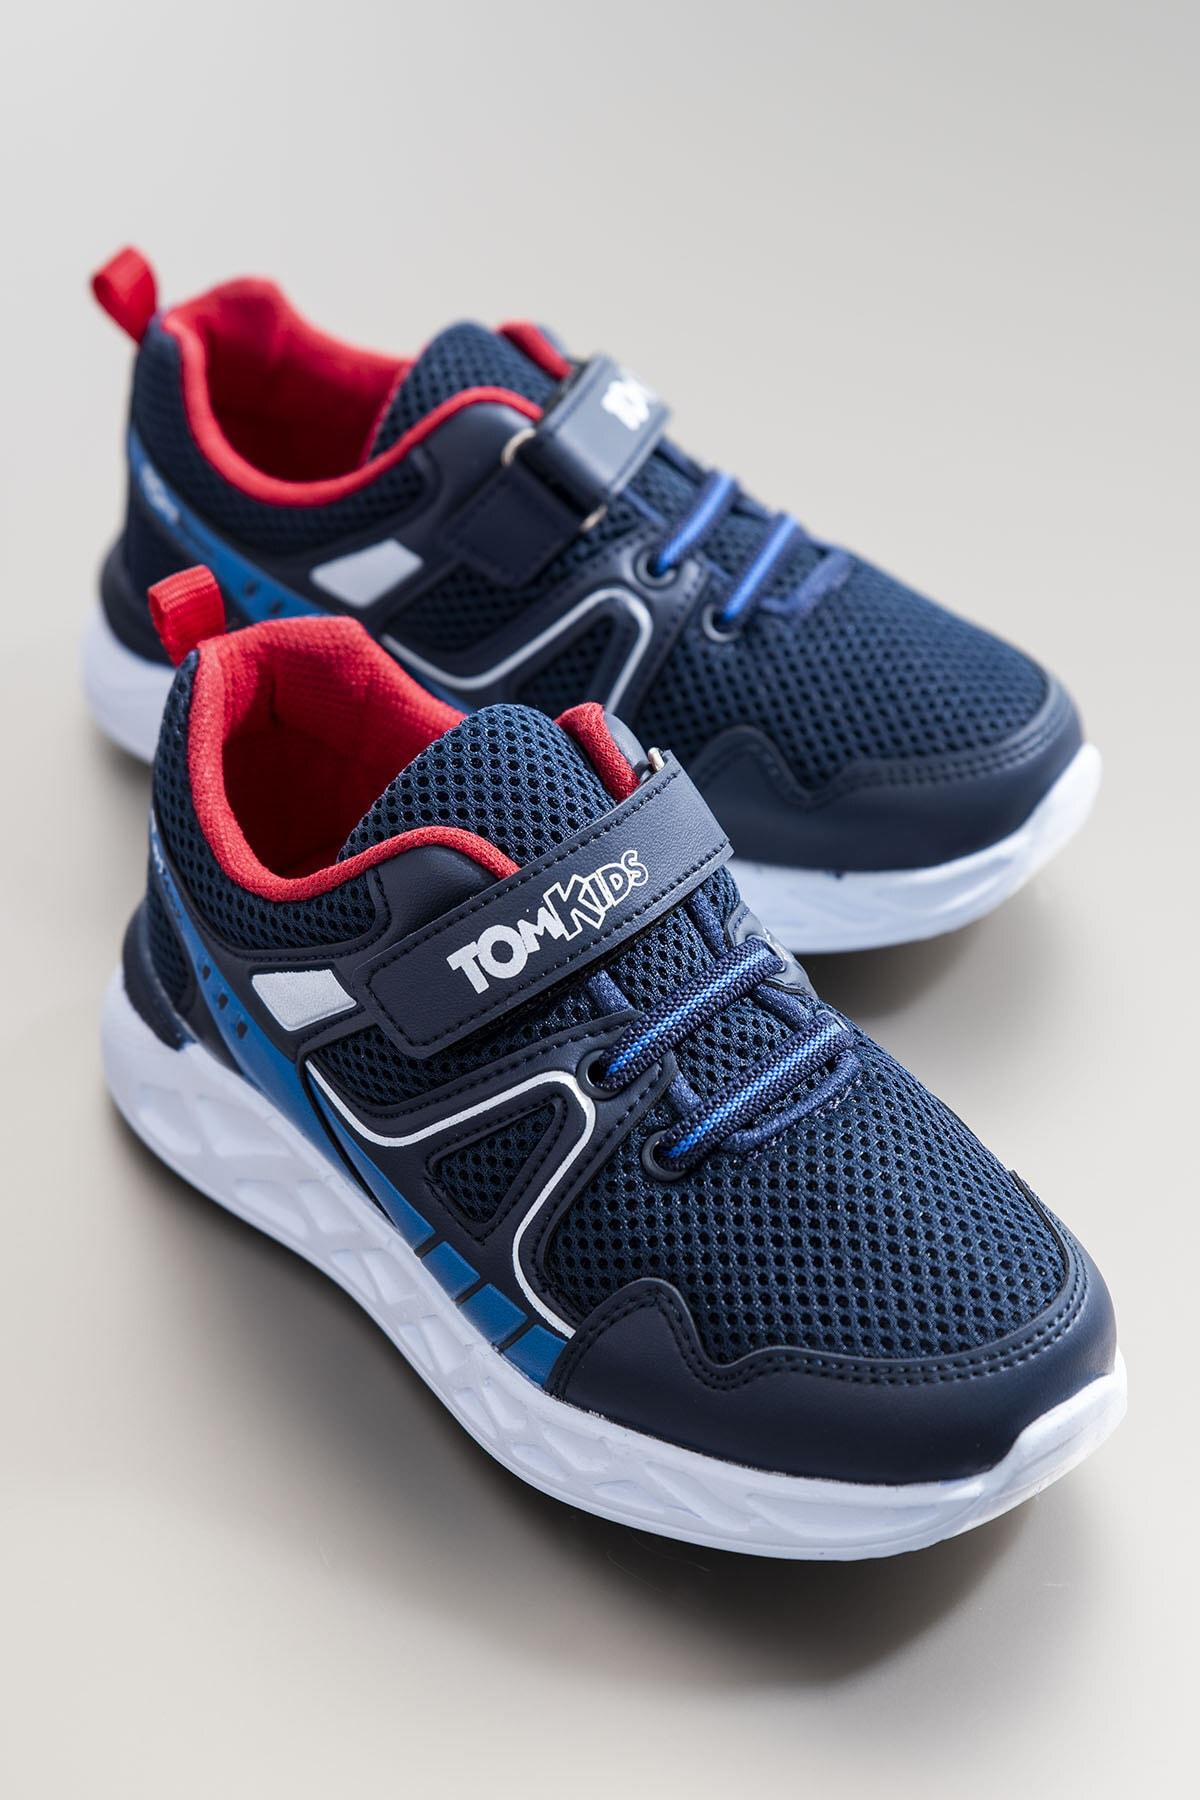 Tonny Black Erkek Çocuk Lacivert Spor Ayakkabı TB3401-3 0